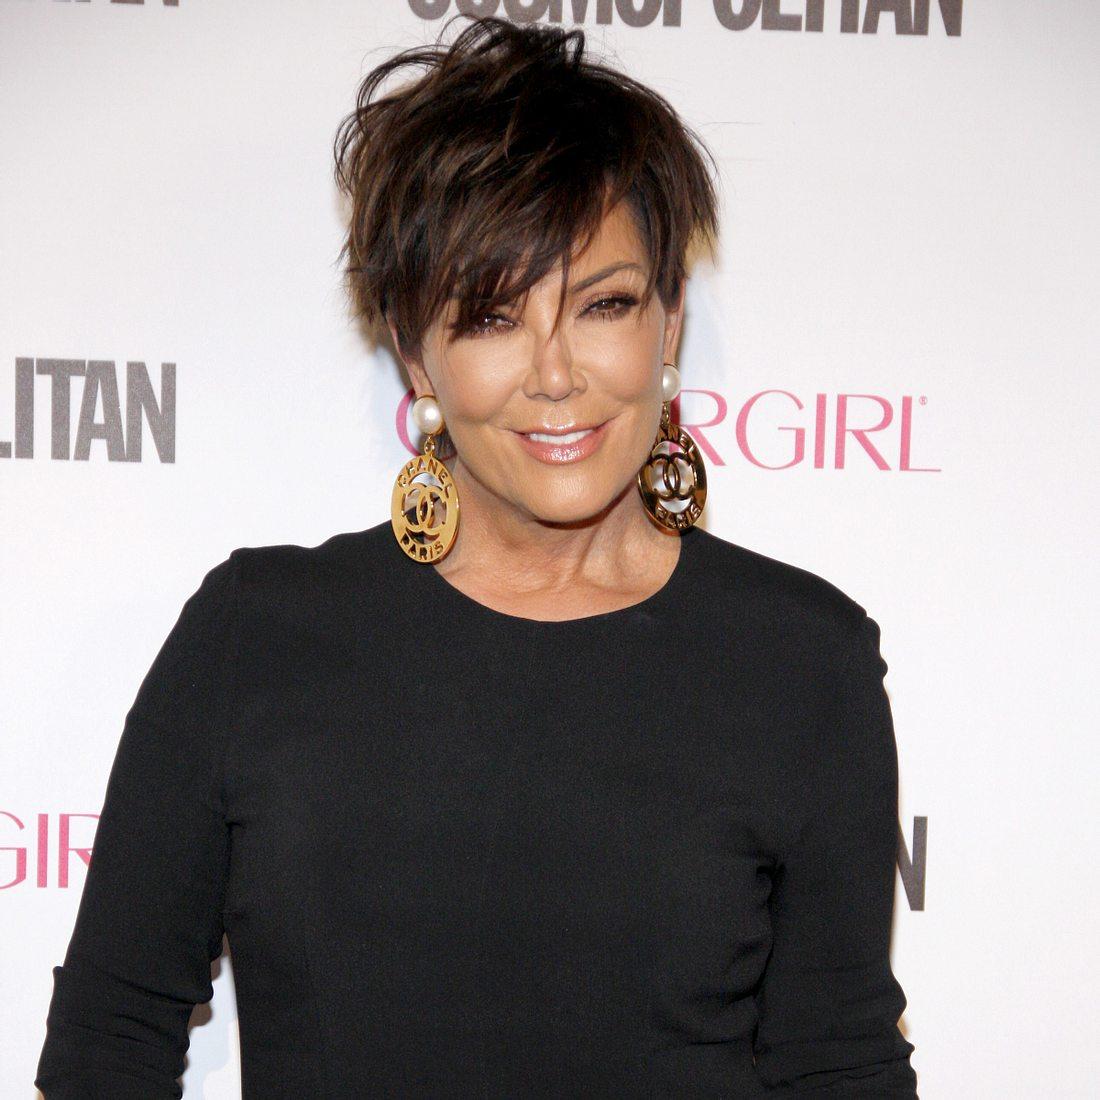 Kris Jenner feierte ihren 60. Geburtstag